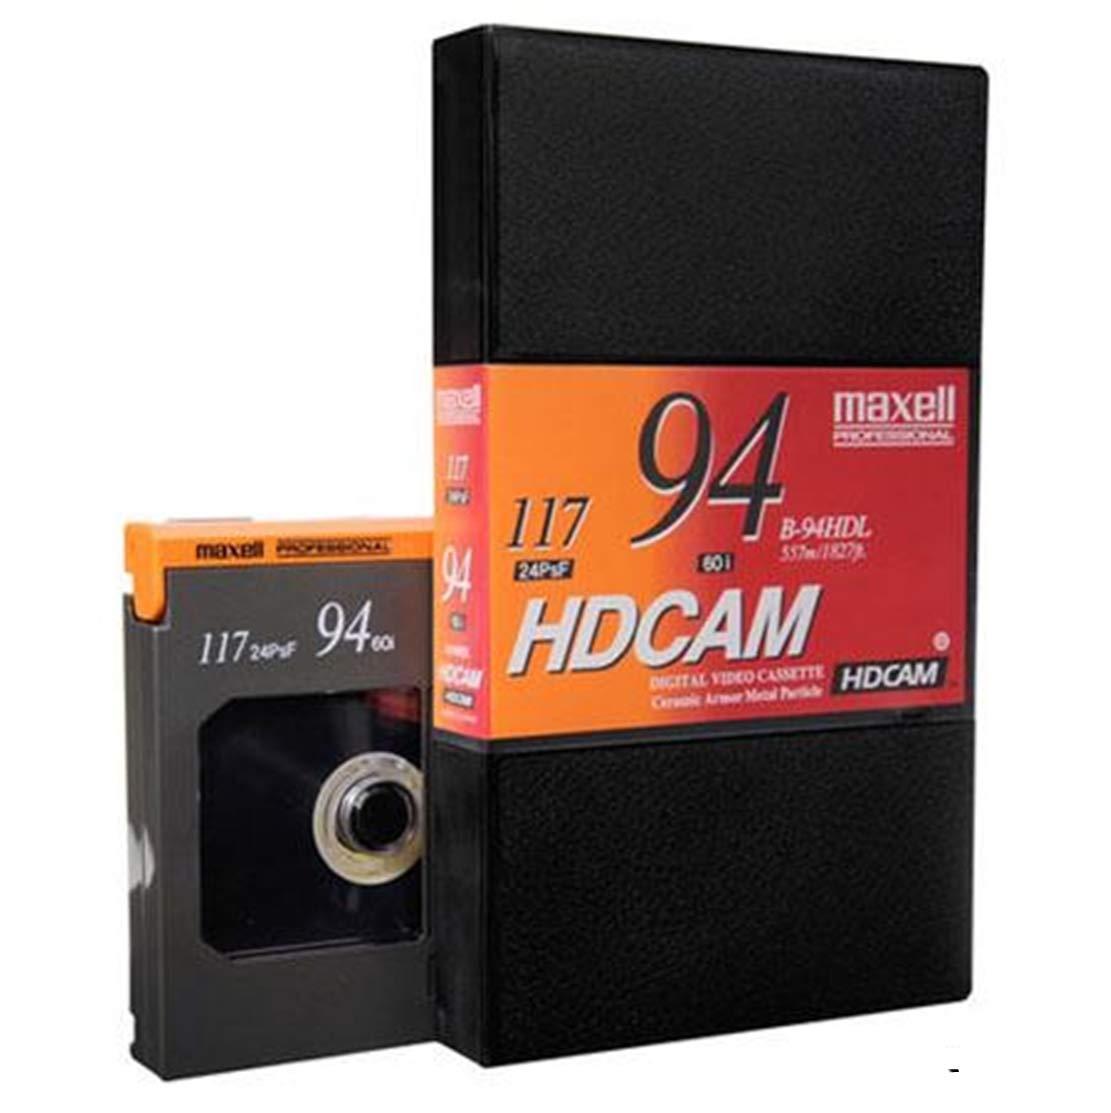 マクセル ビデオカセット B~94HDL HDCAM 94分録画時間 L   B07NW2M66Z